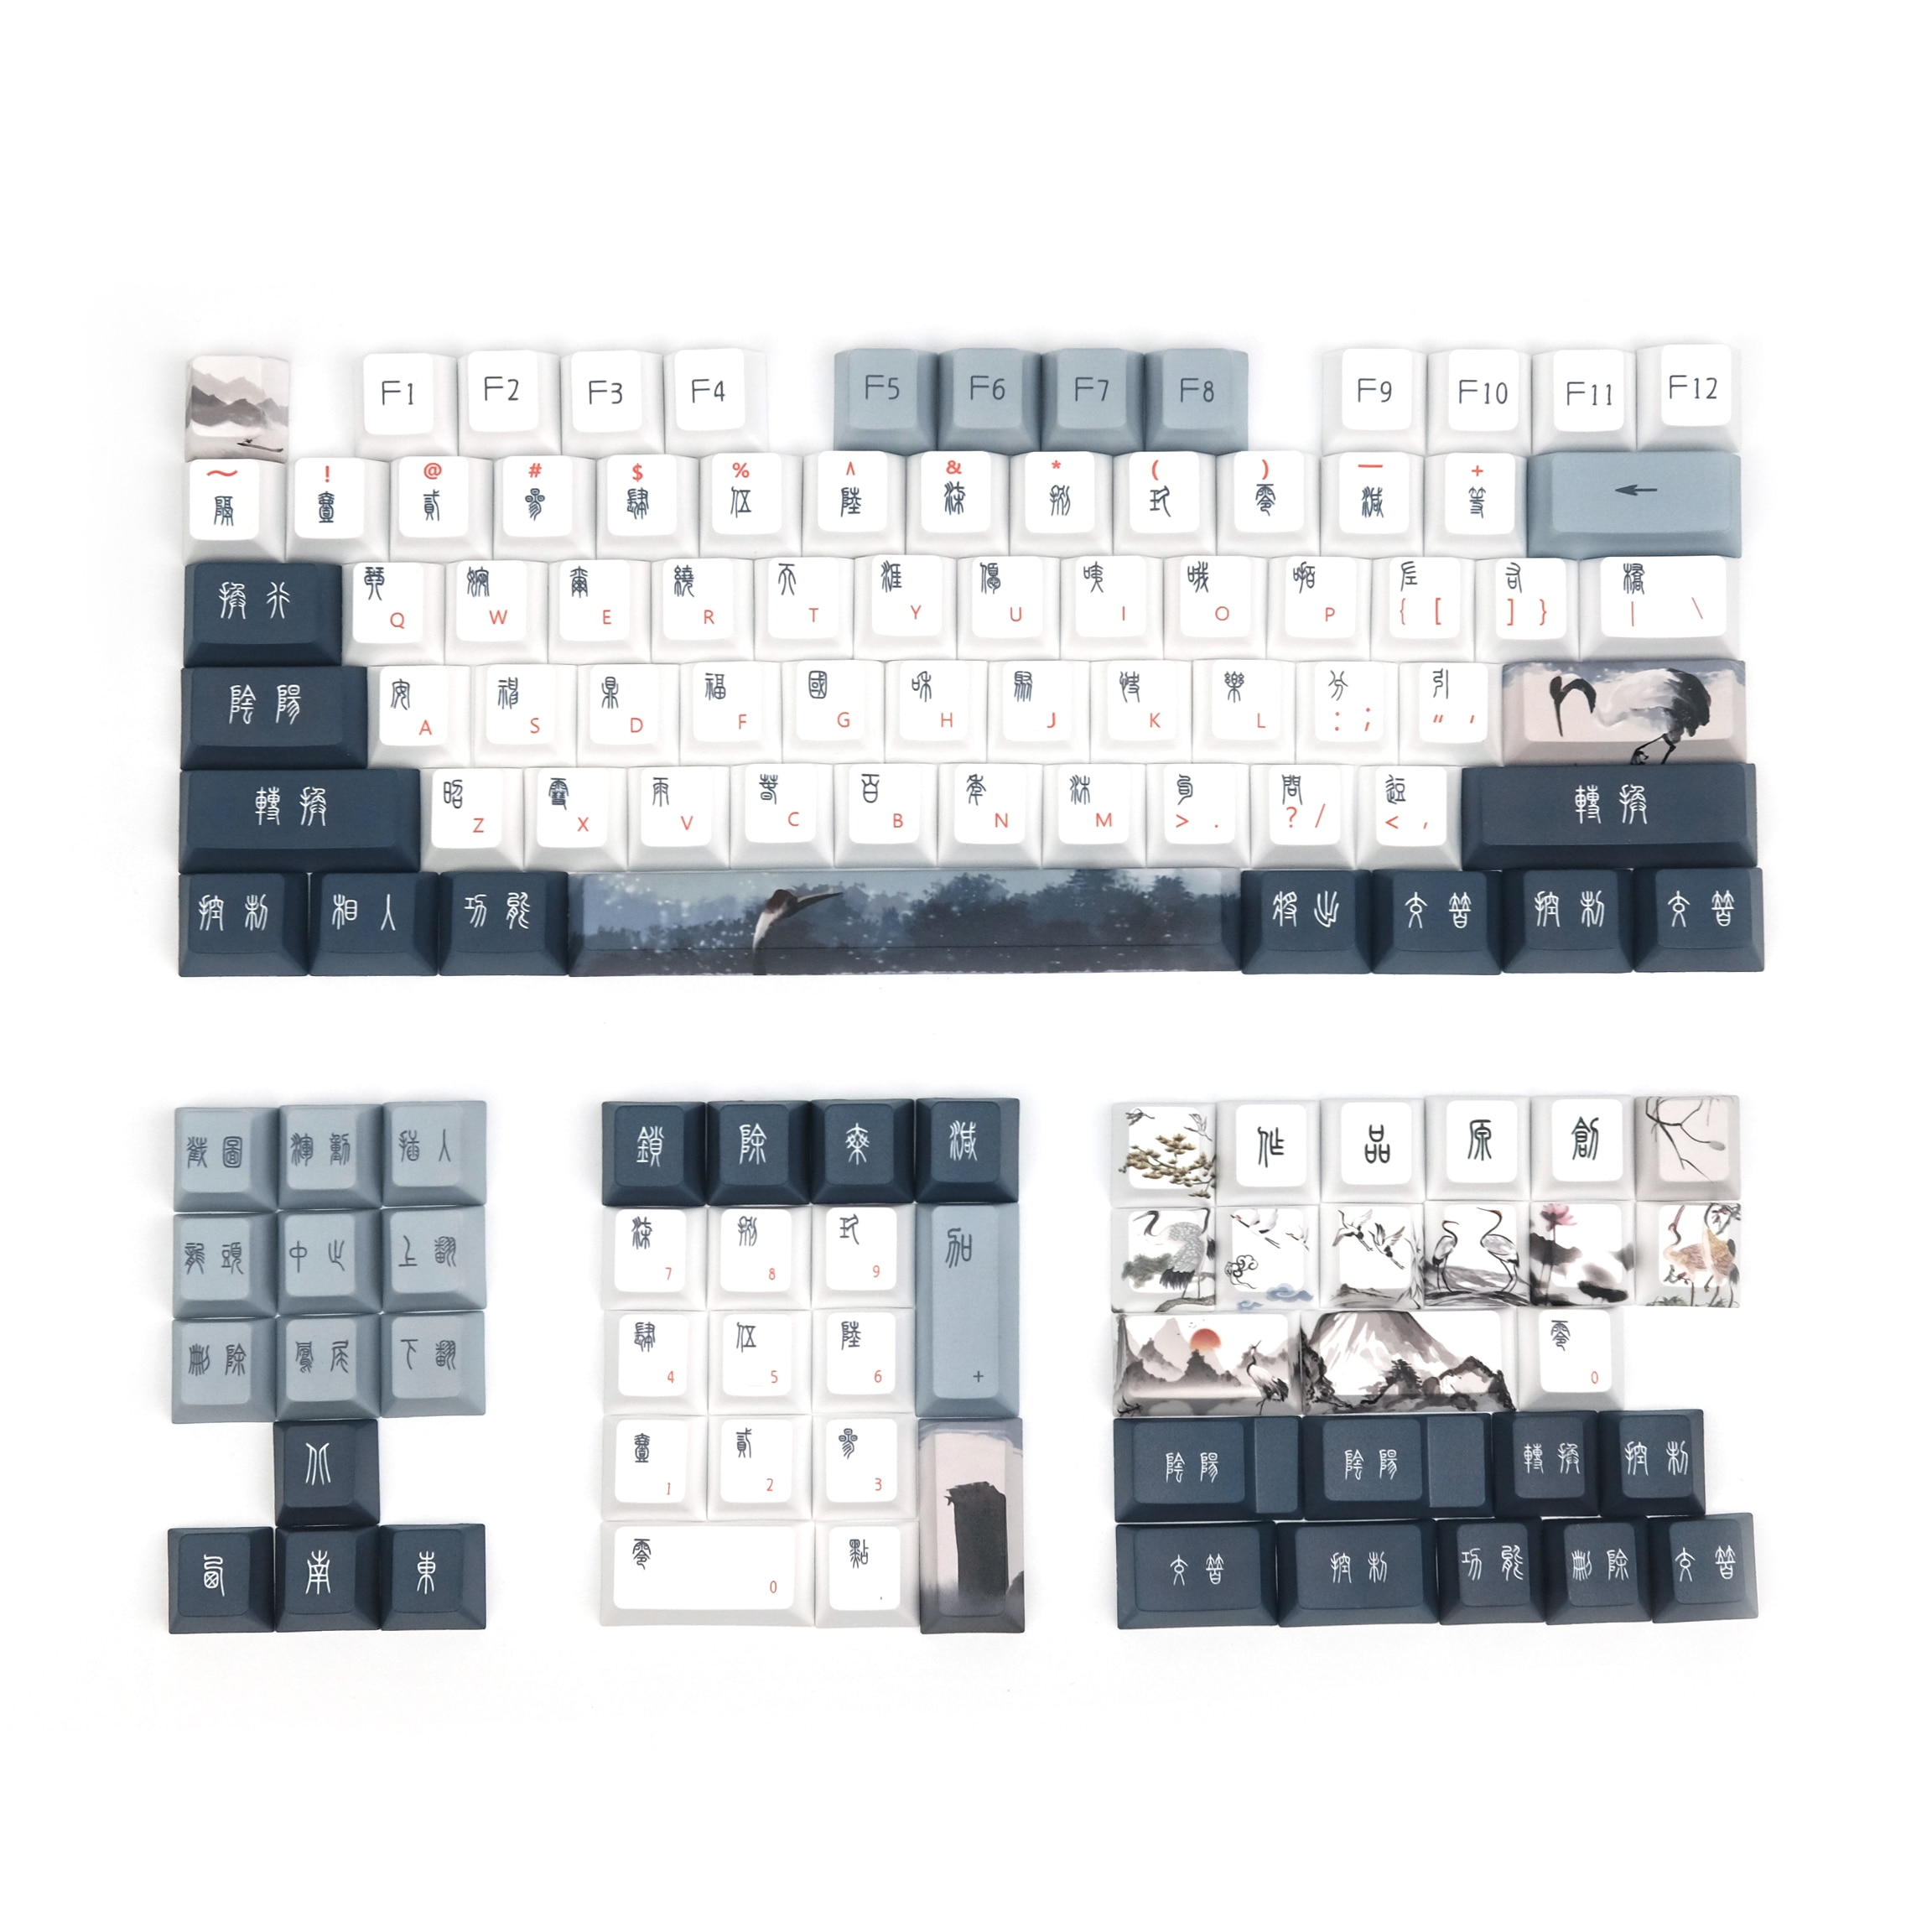 أغطية مفاتيح رافعة حمراء متوجة ، PBT ، ملف تعريف الكرز ، صبغ التسامي ، لوحة مفاتيح ميكانيكية ريترو